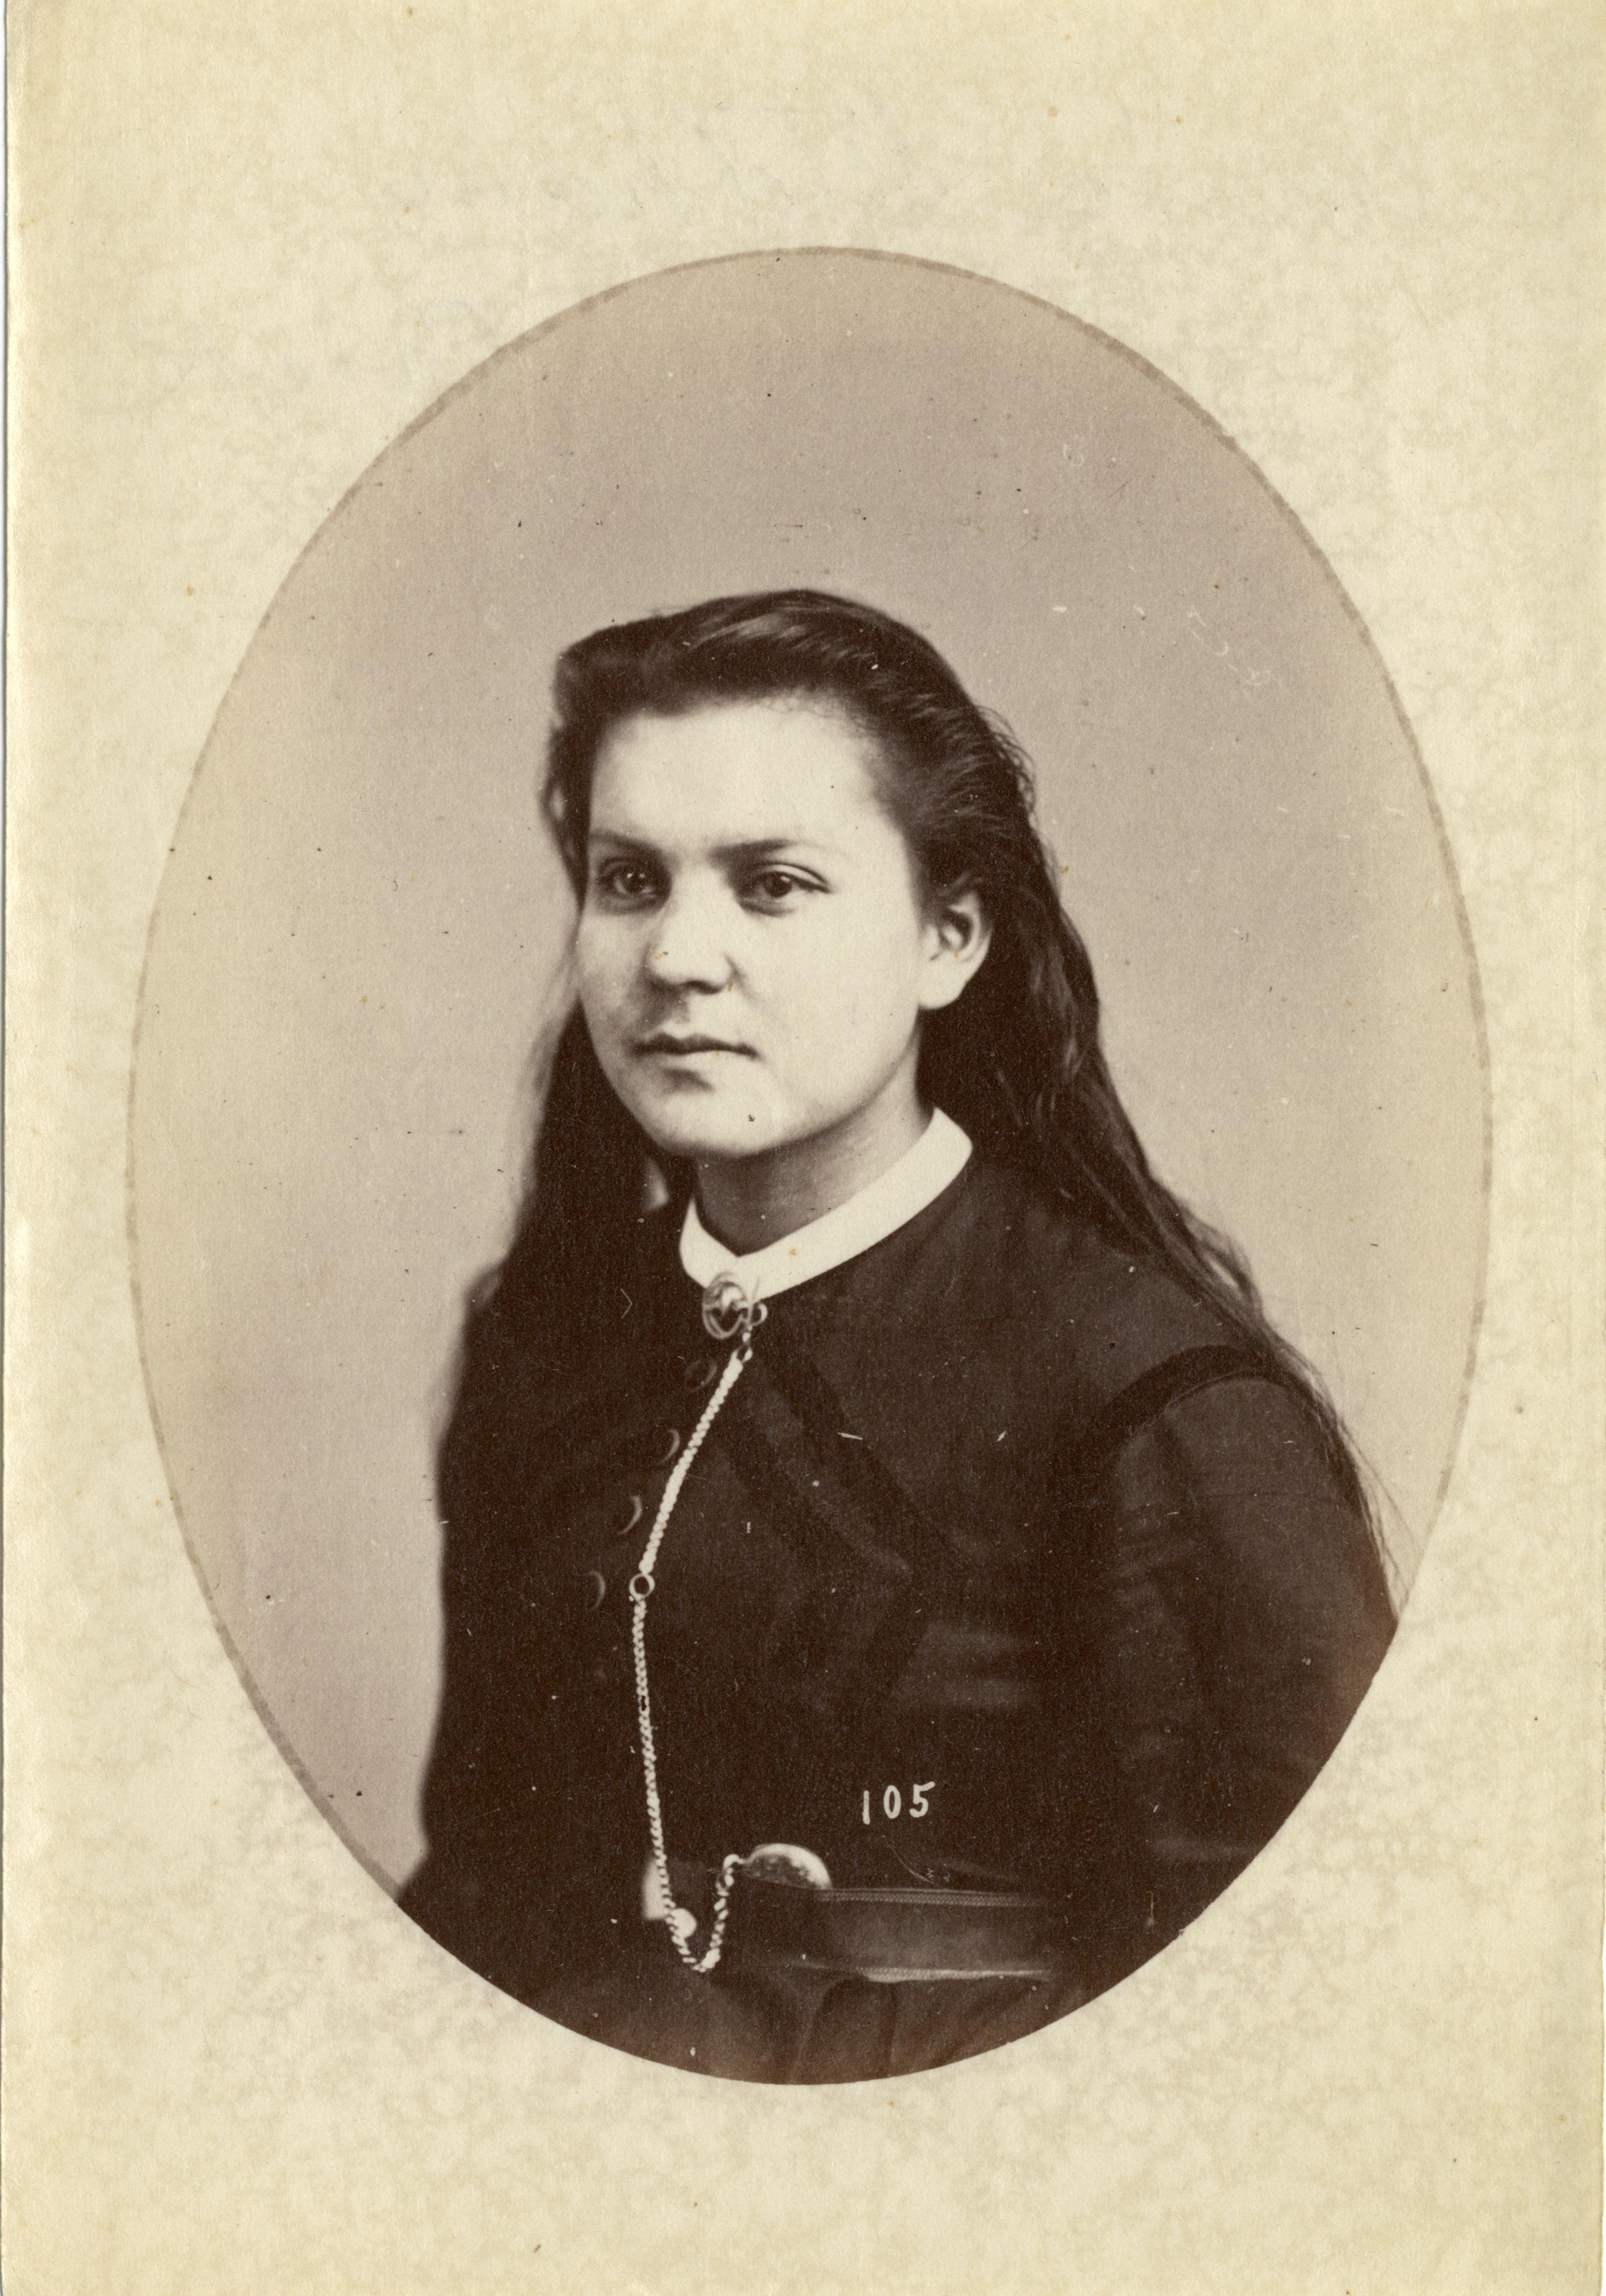 Annie Steadman